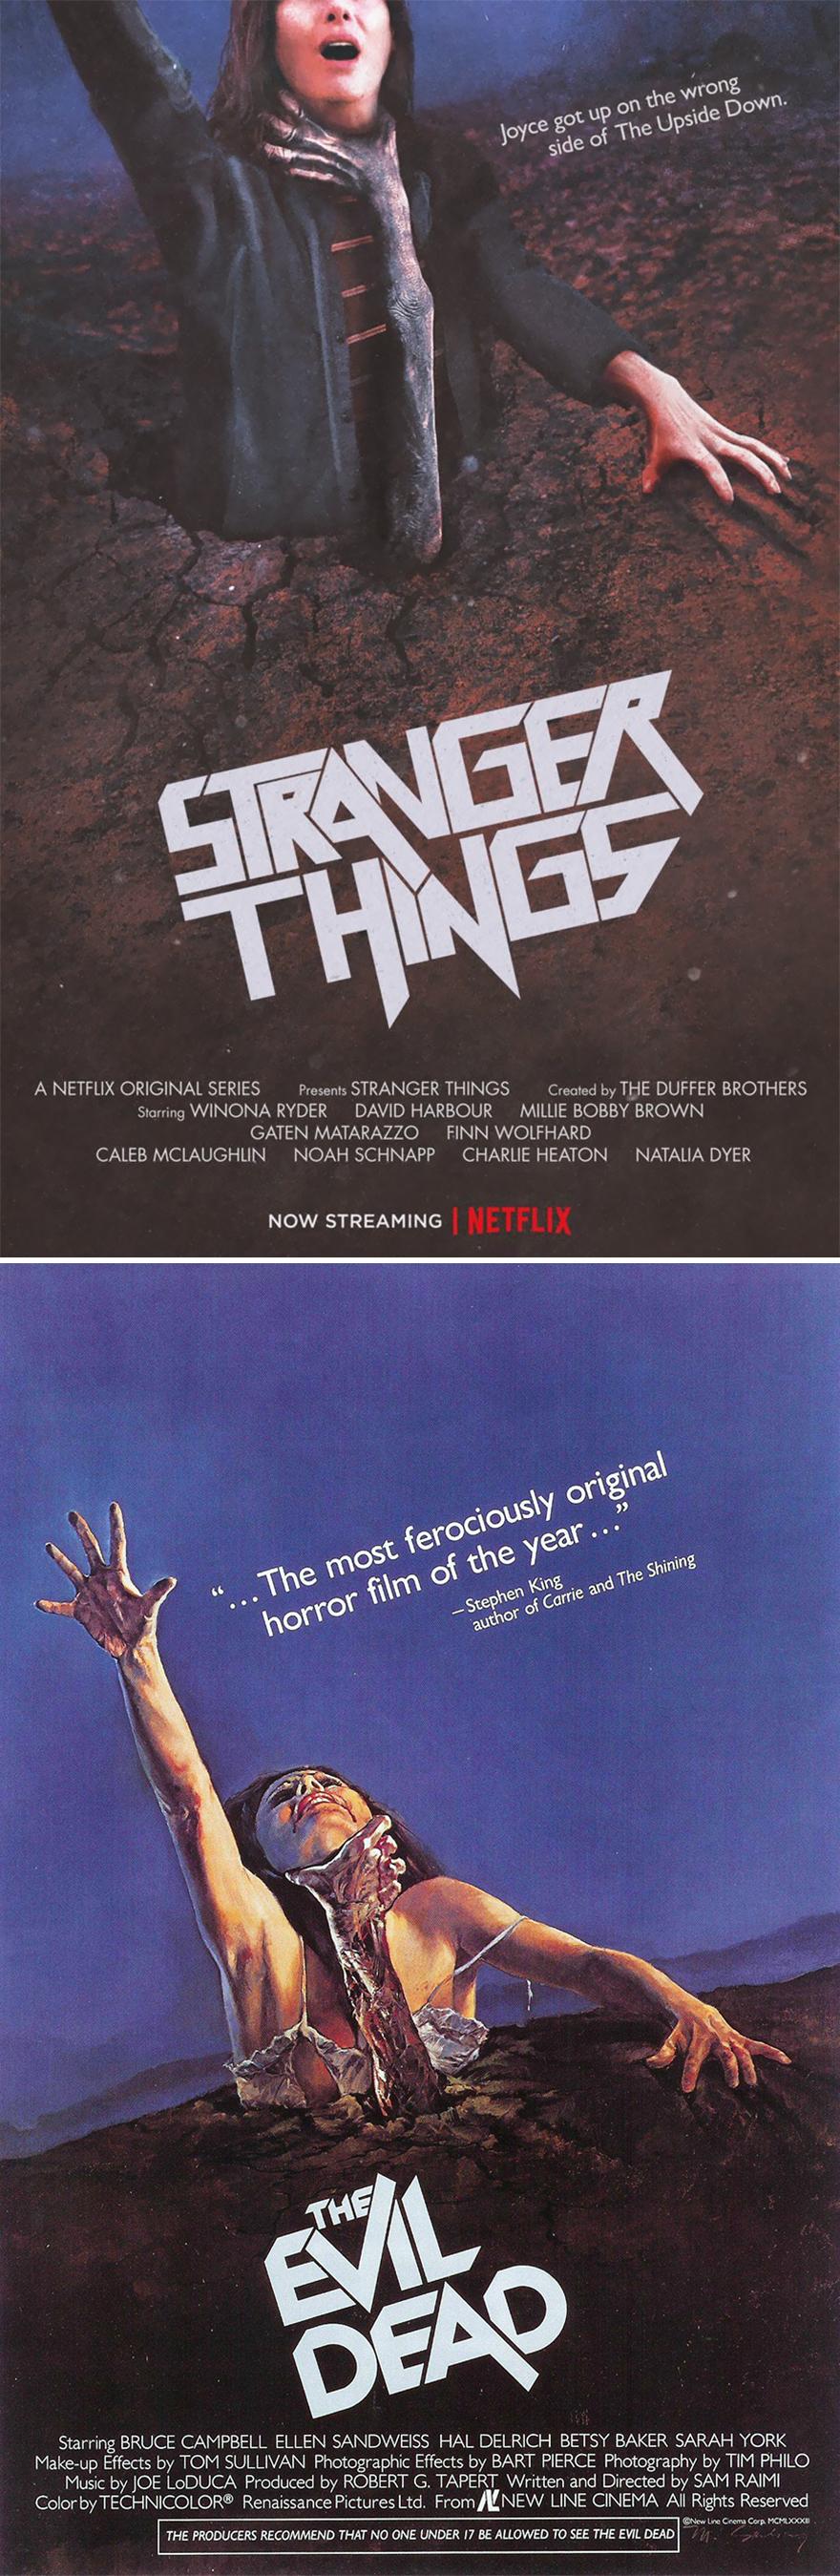 Posters de Stranger Things recriam cartazes clássicos de terror dos anos 70 e 80